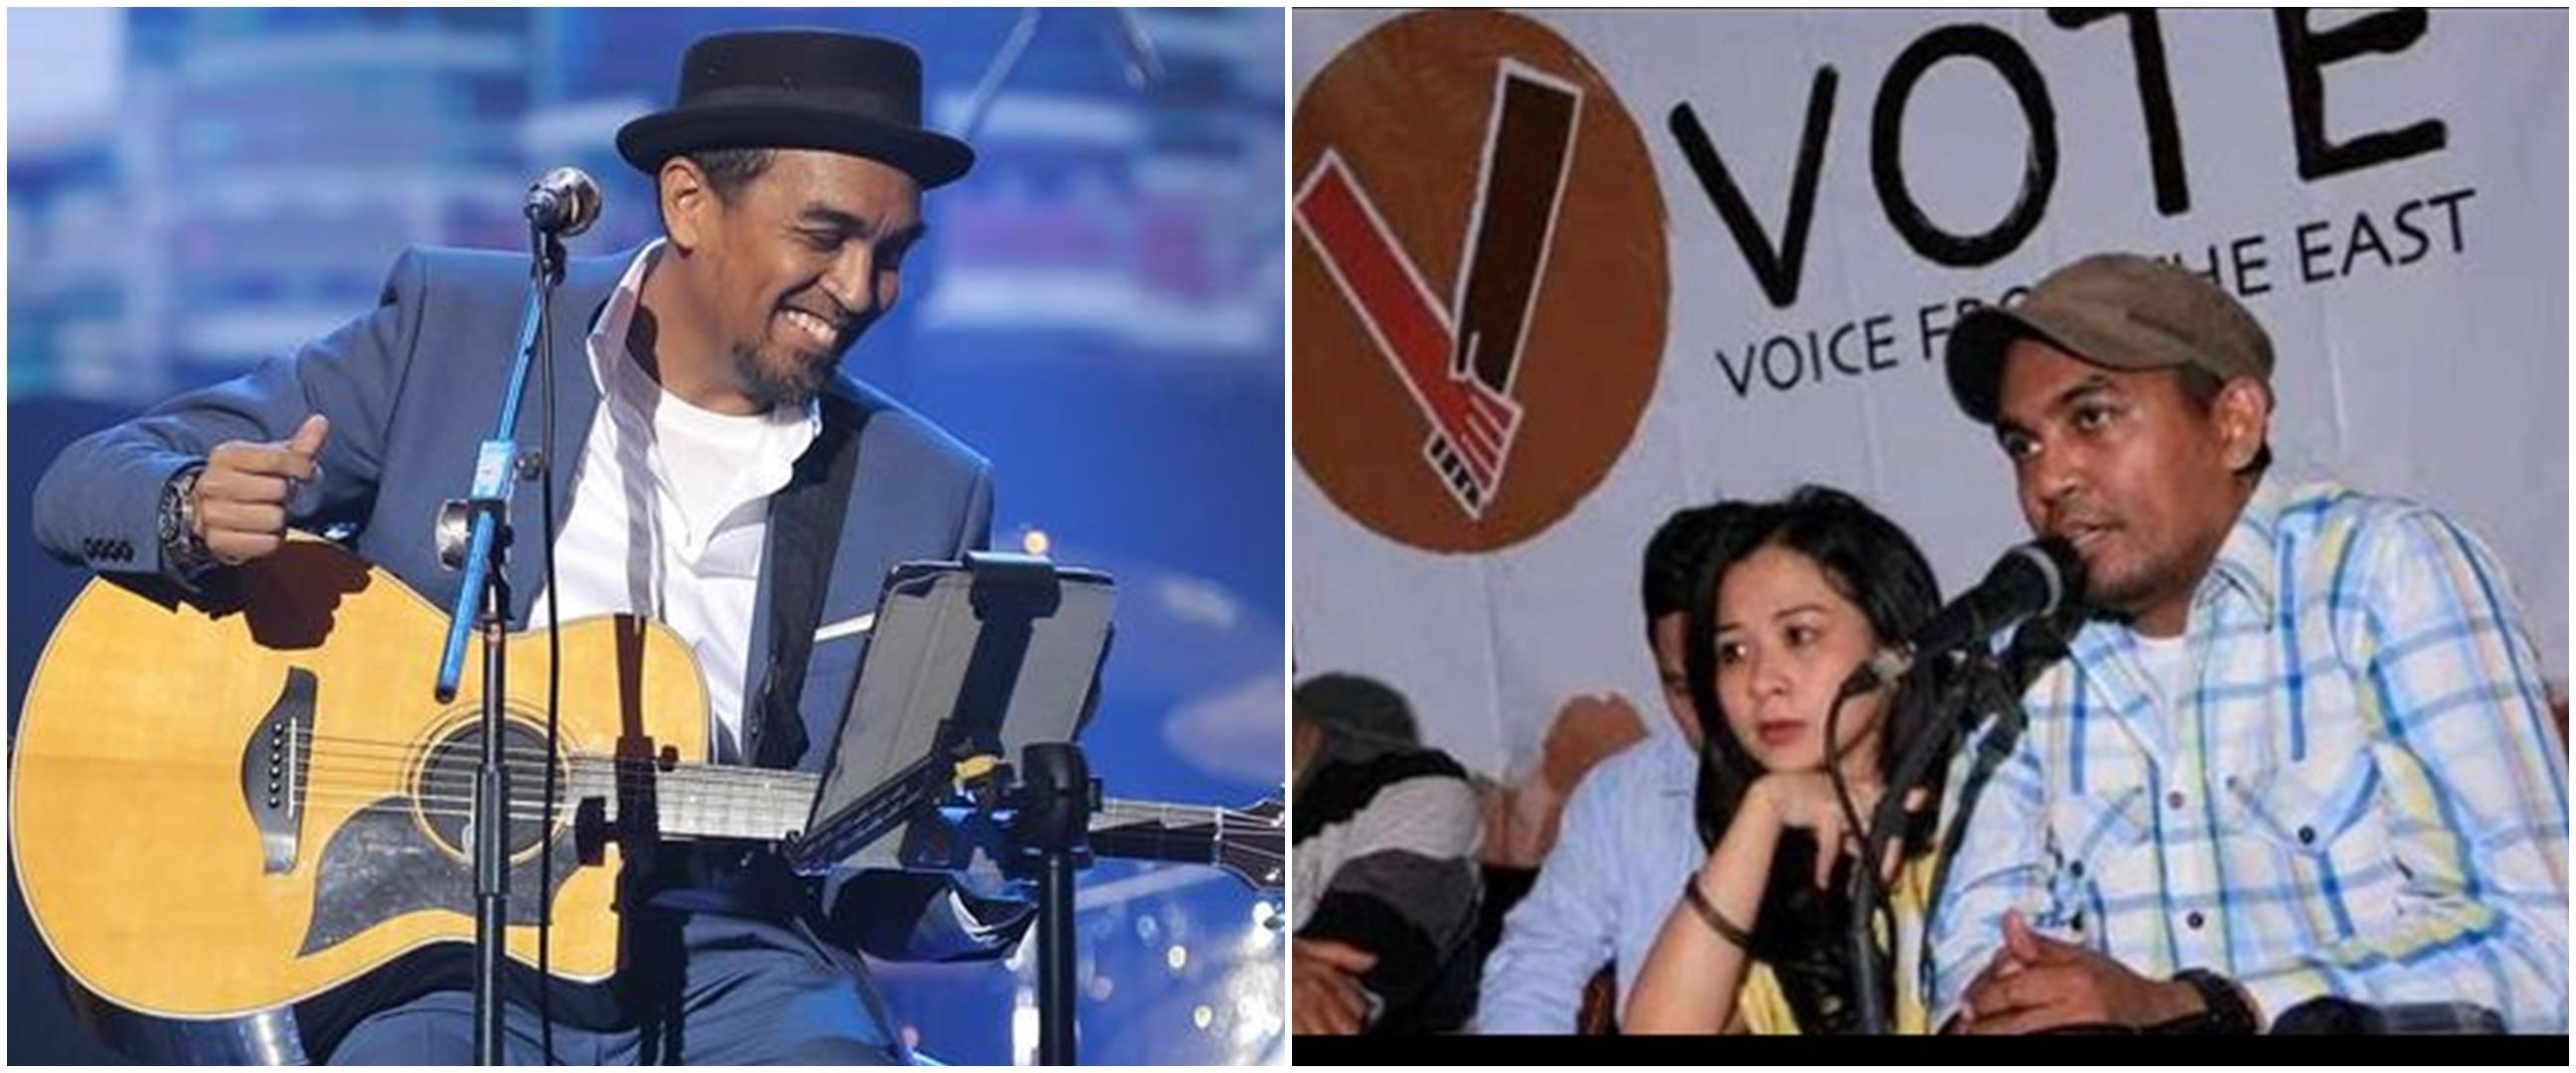 Glenn Fredly vokal angkat isu kemanusiaan, 7 aktivis kenang sosoknya